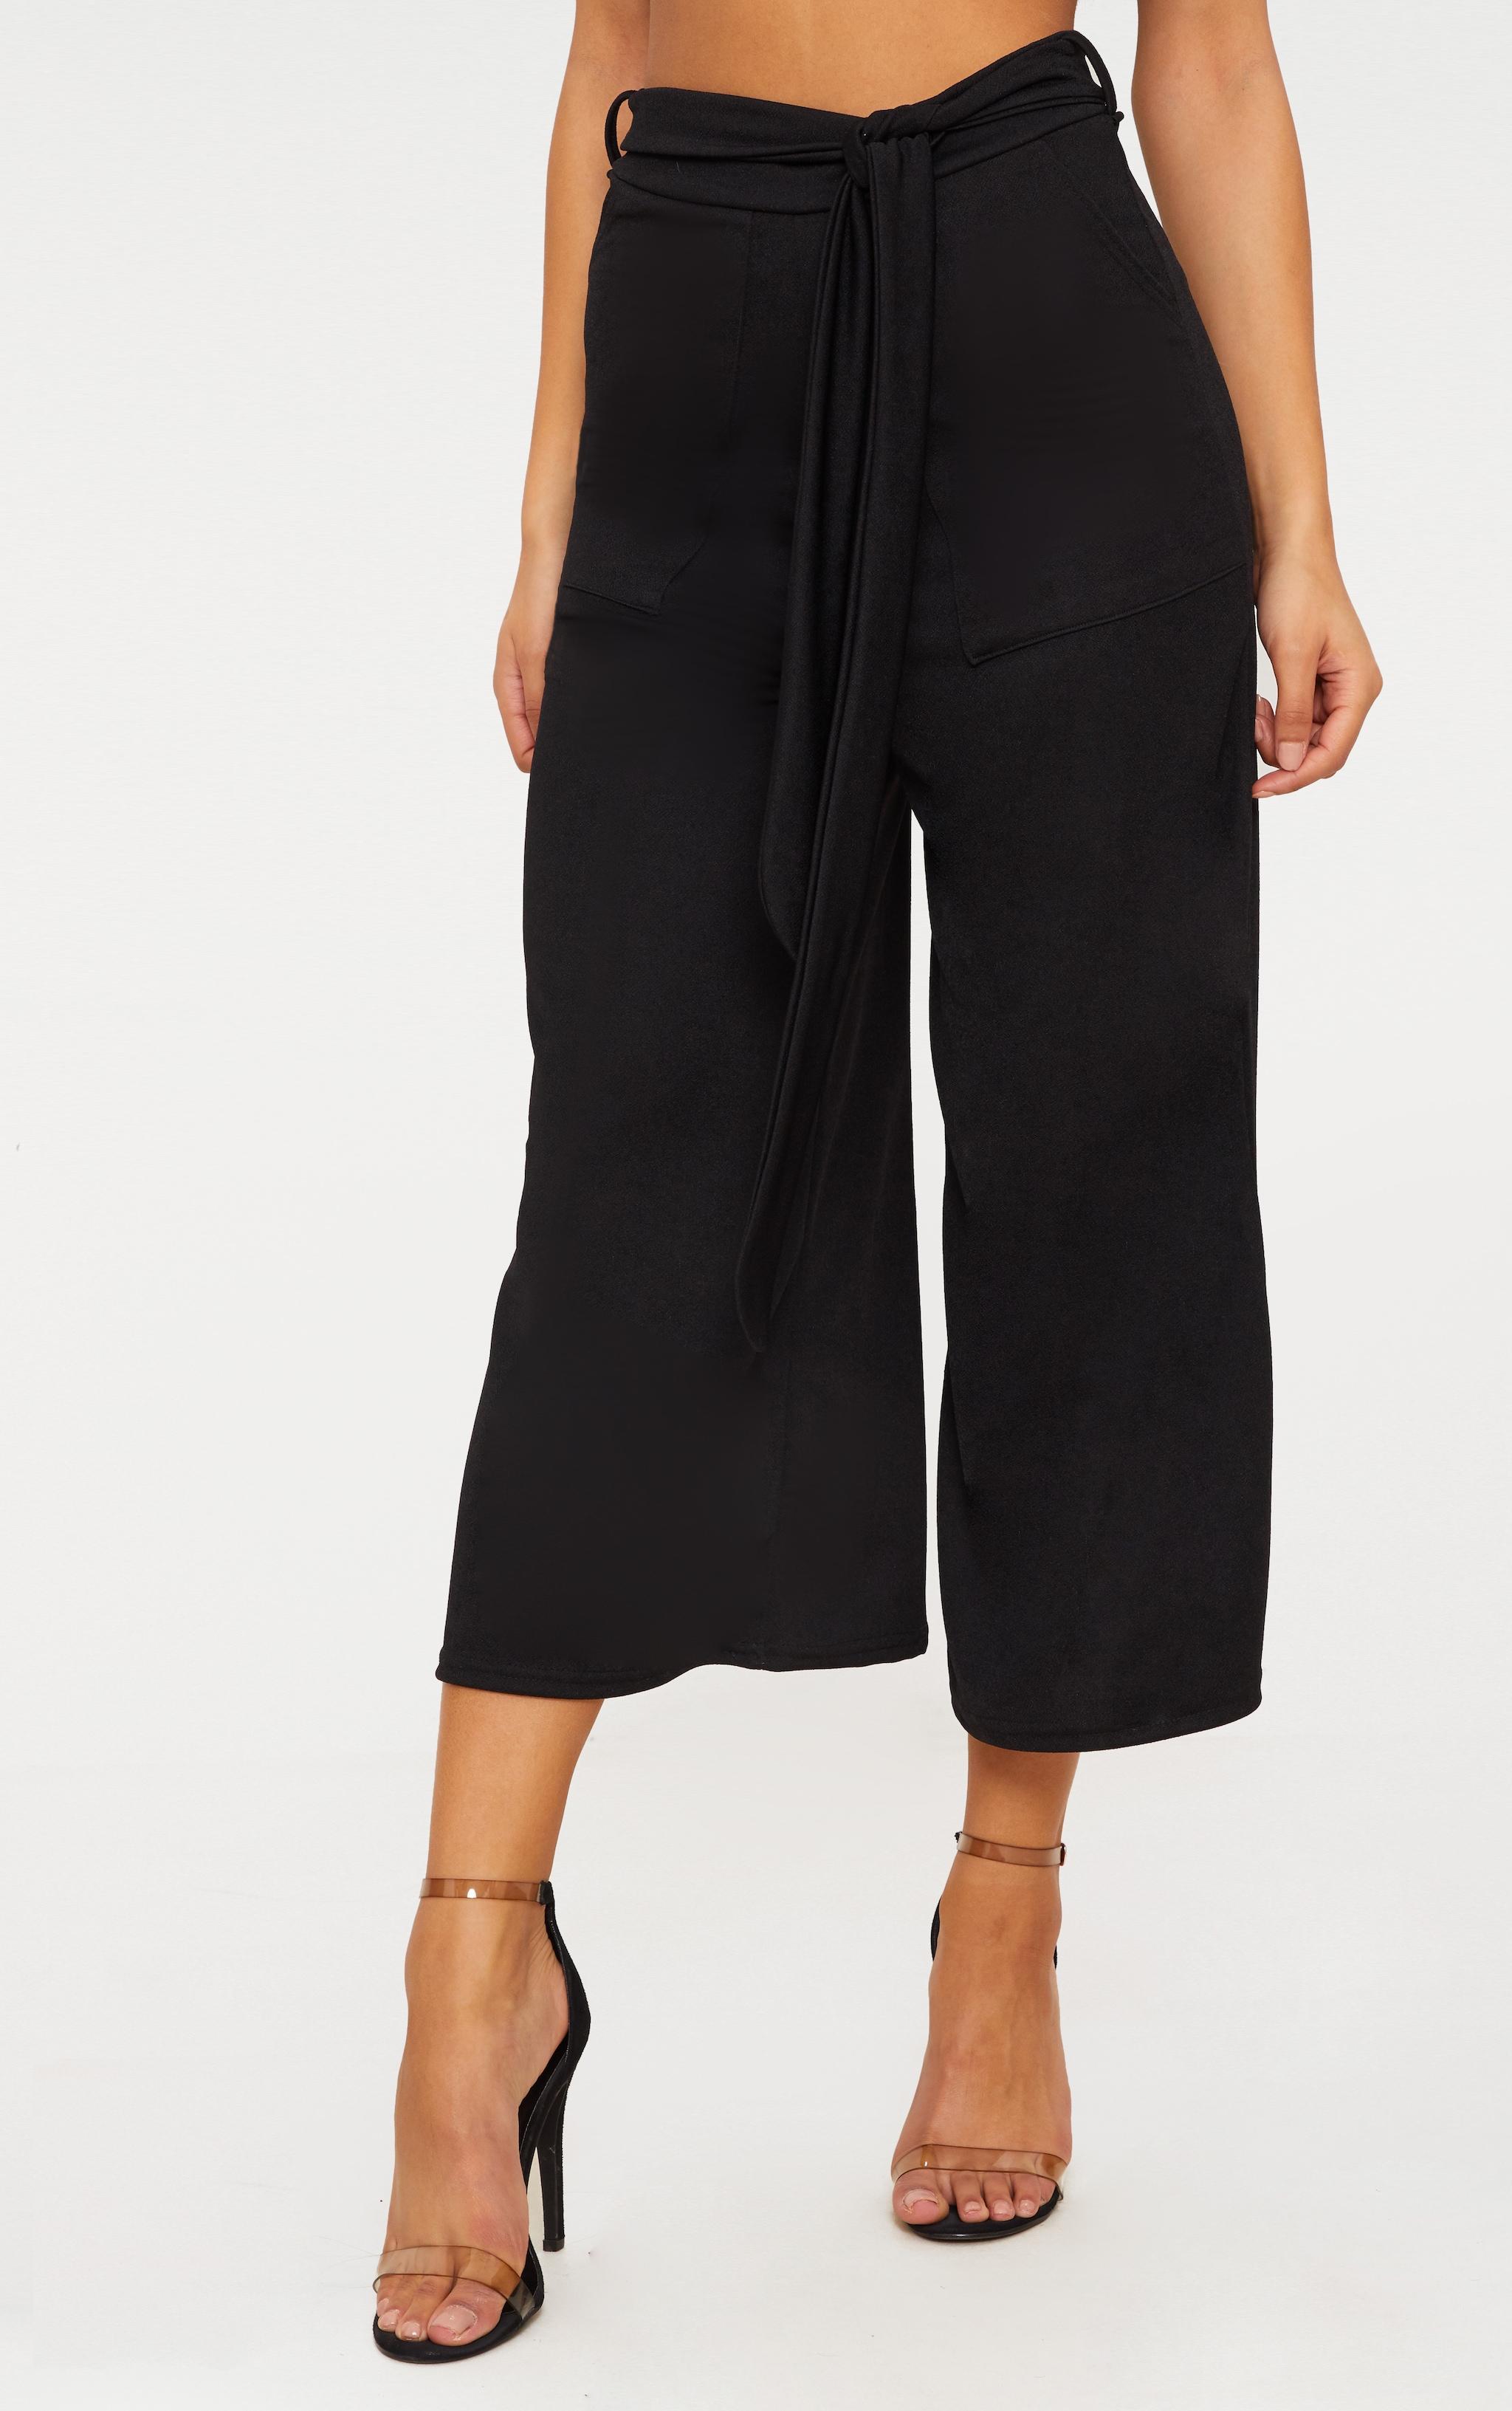 Jupe-culotte noire avec attache à la taille  2